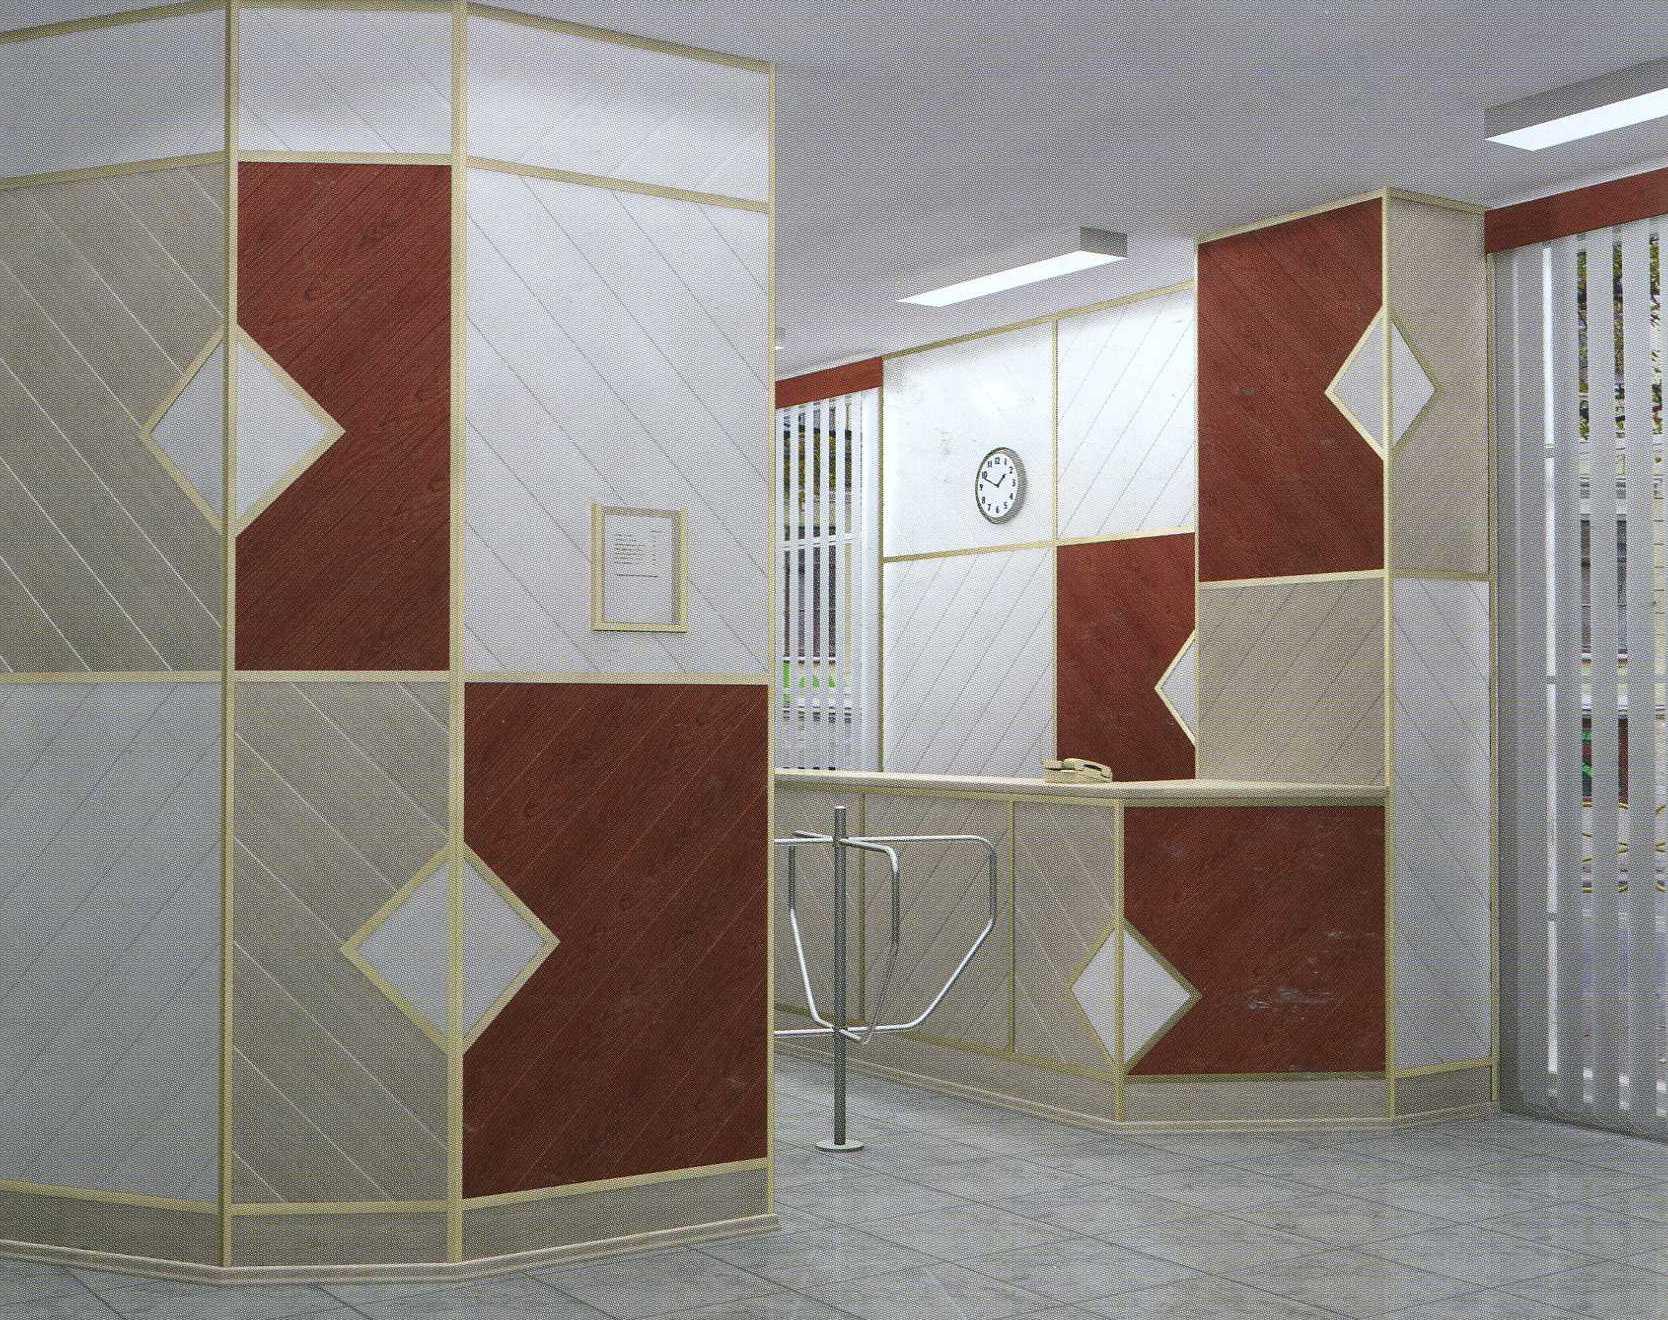 http://sam-sebe-dizainer.com/public/images/Декоративные материалы для отделки внутренних стен